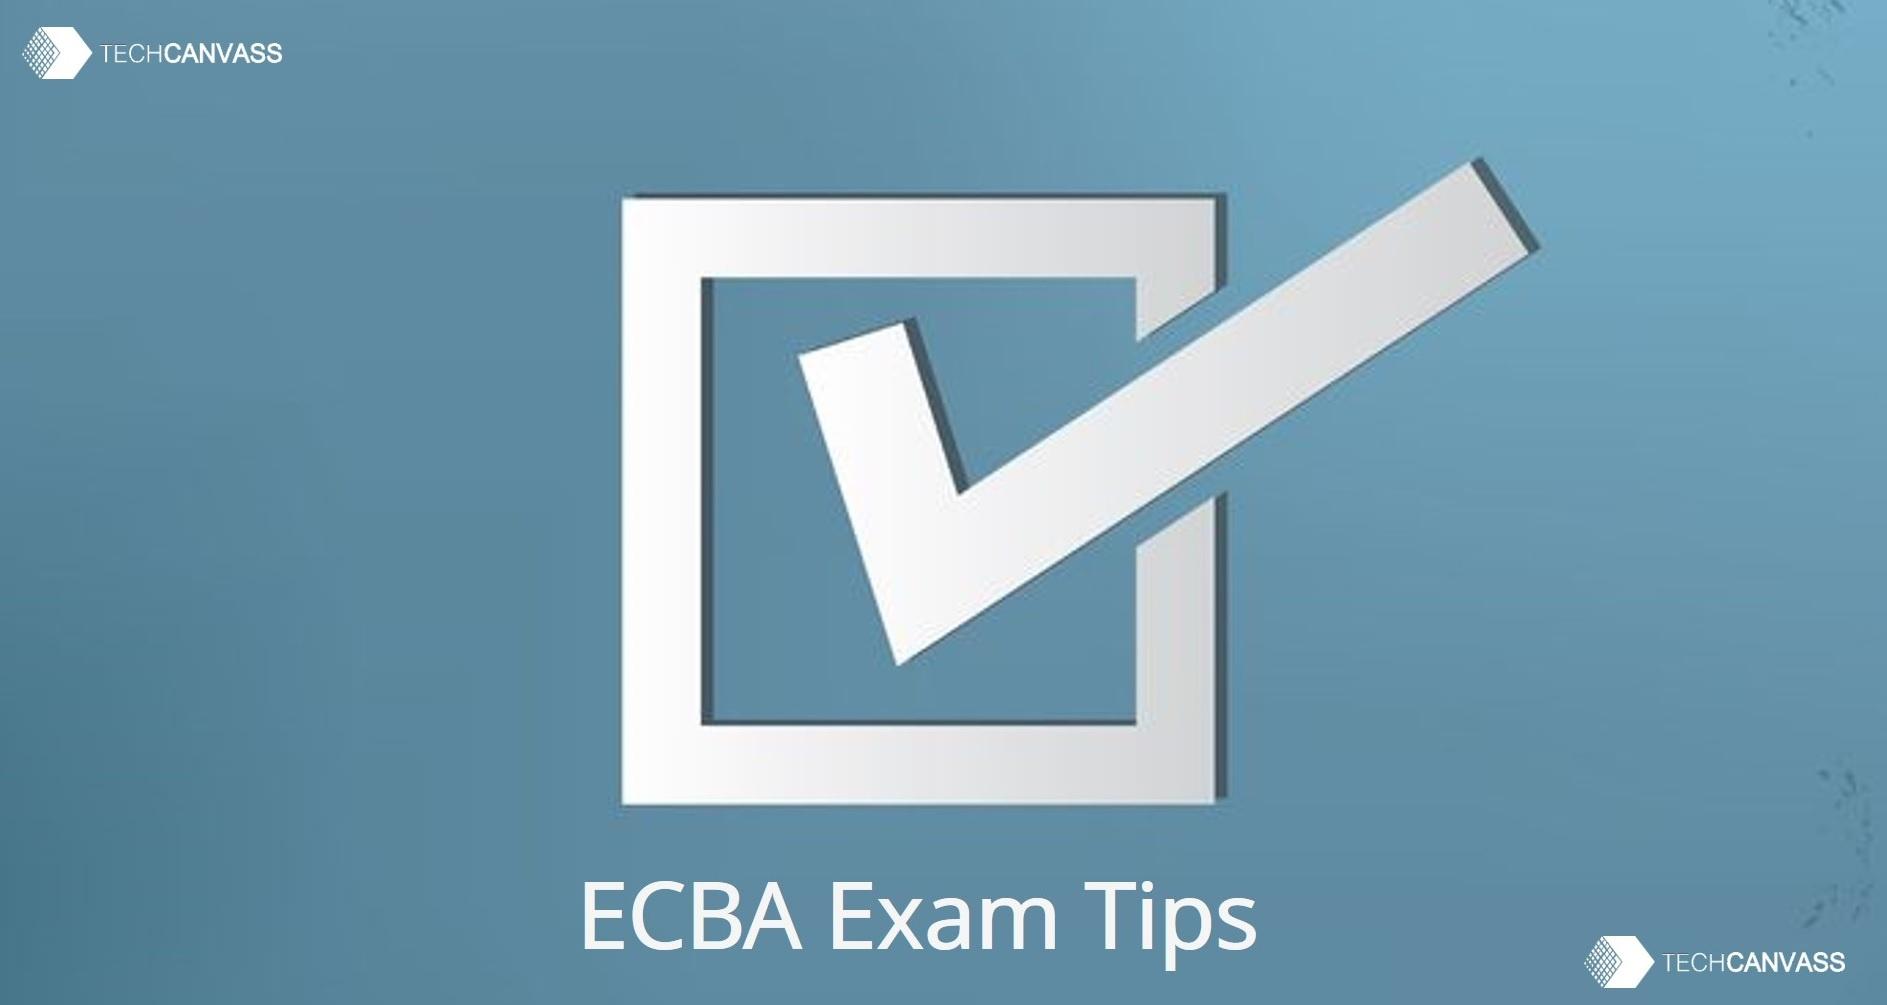 ECBA Exam Tips